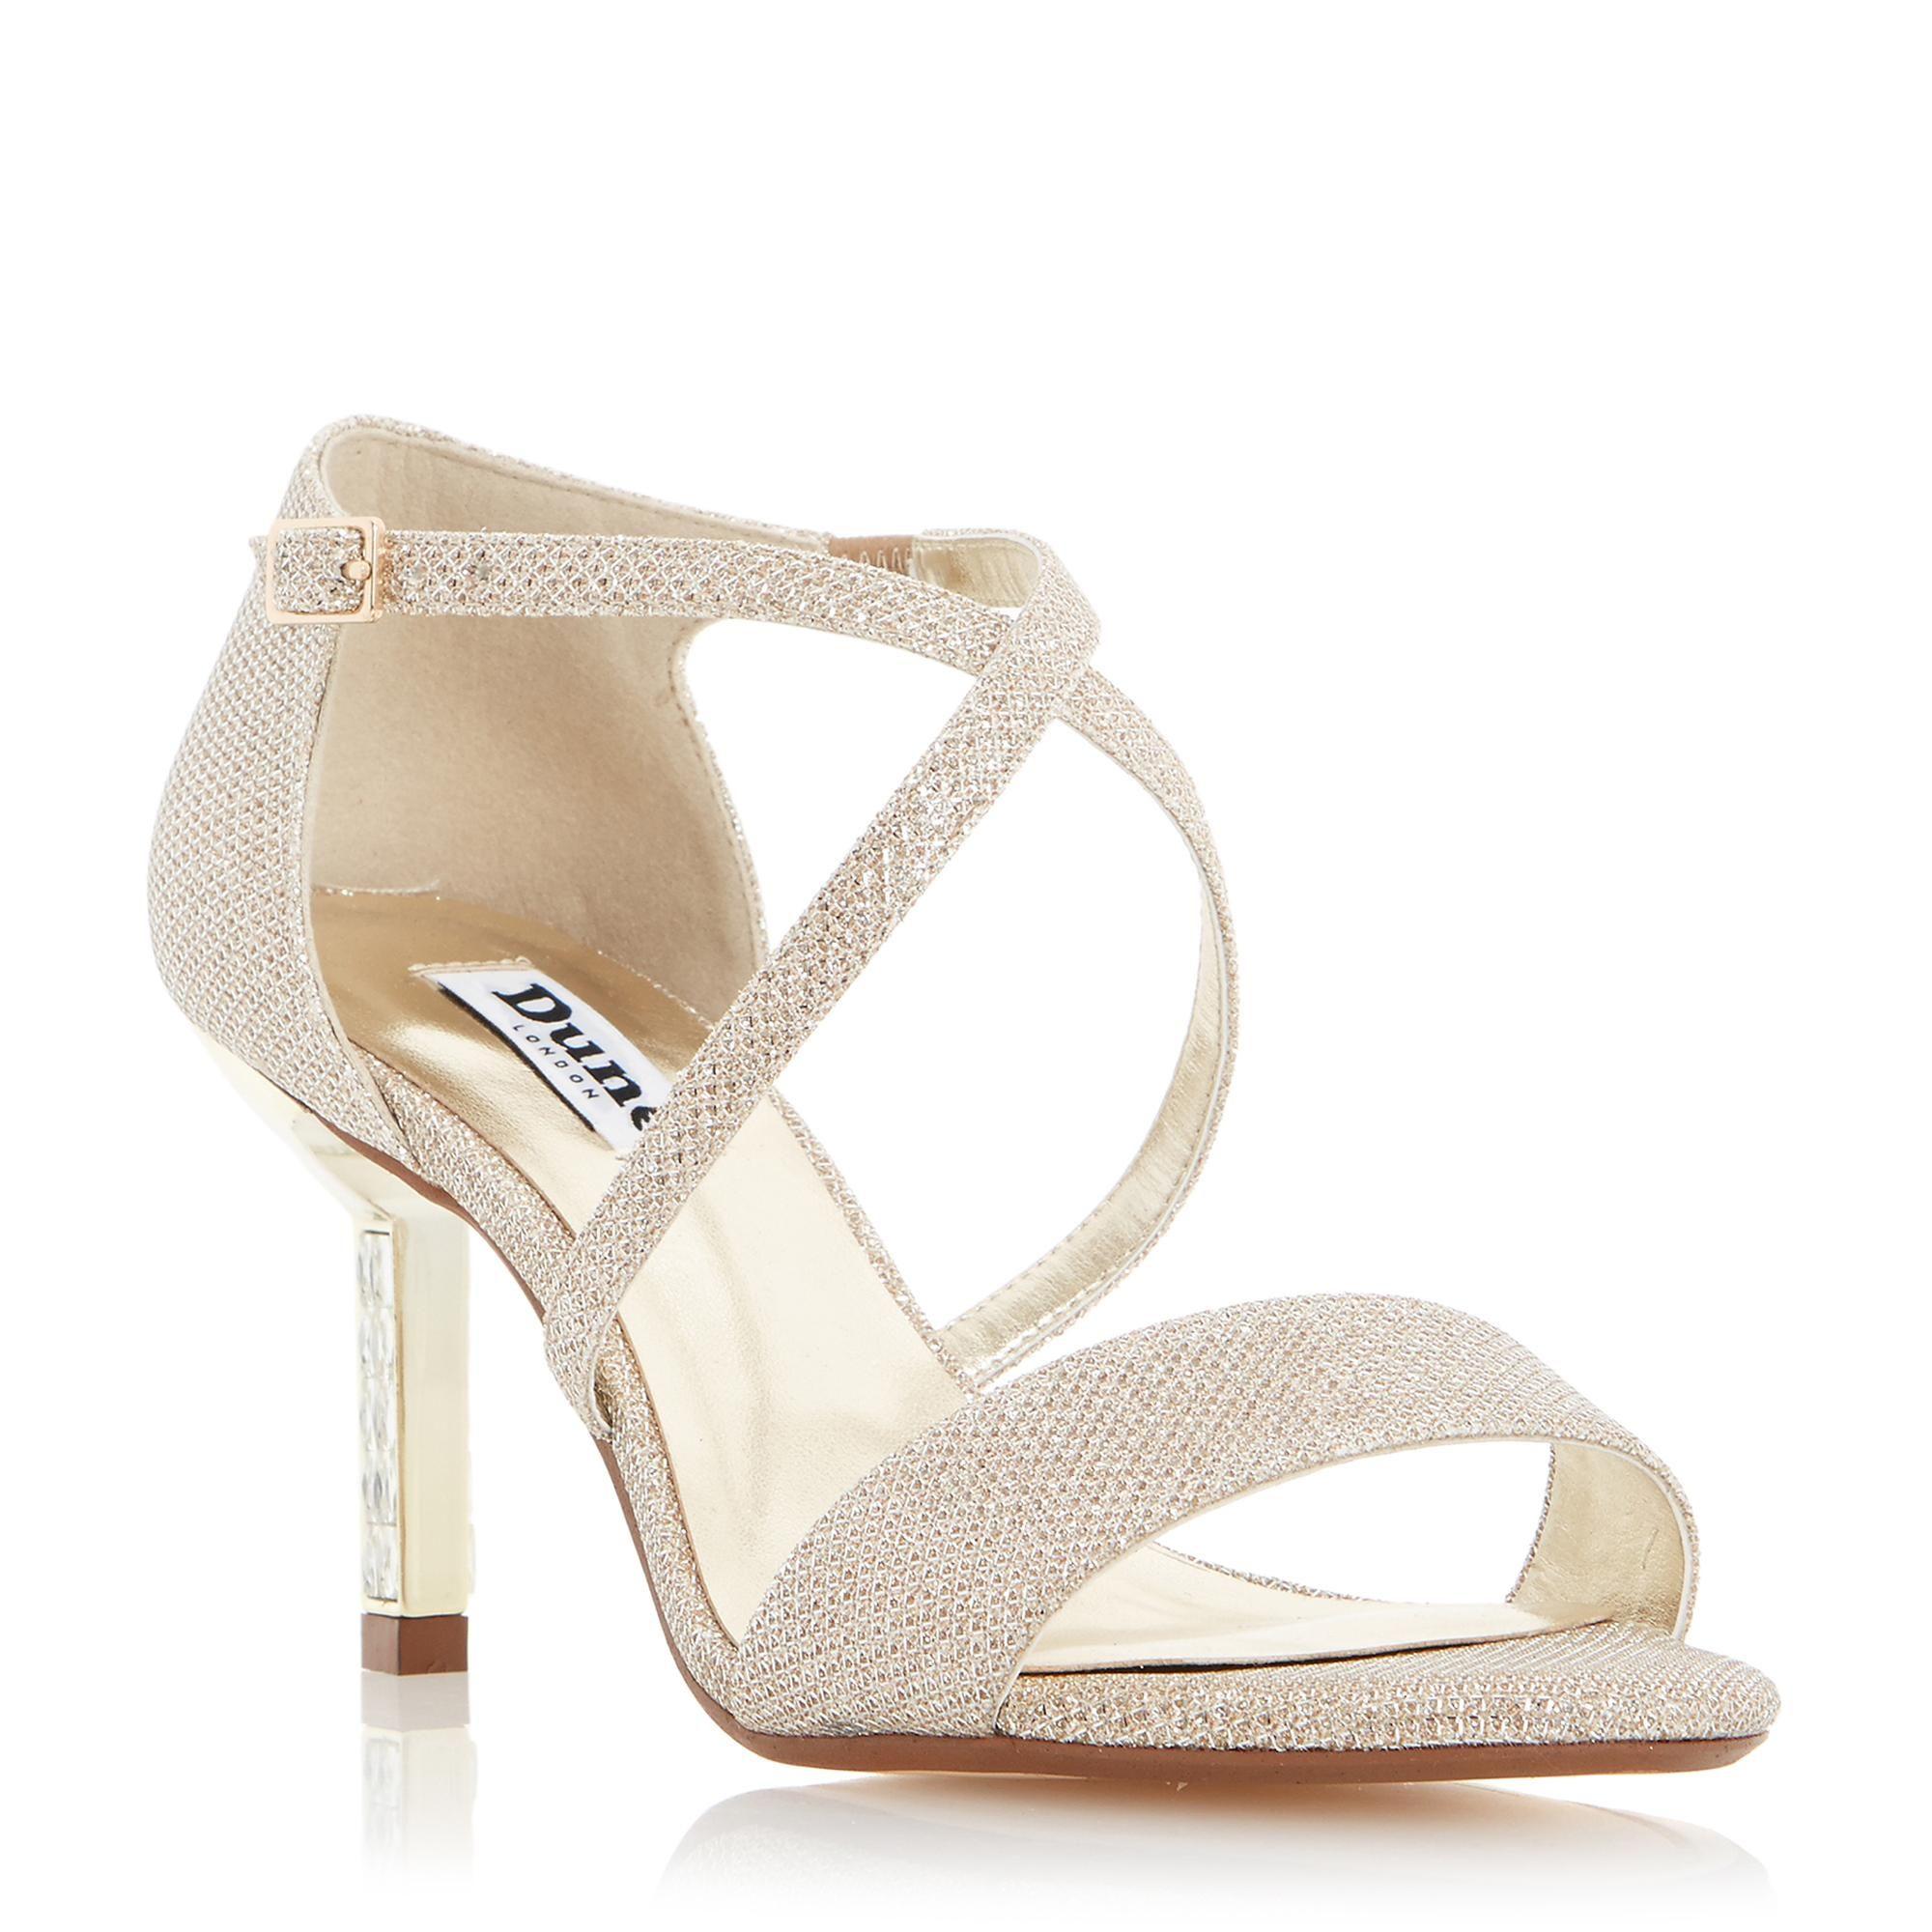 Womens sandals mid heel - Dune Ladies Mindee Diamante Mid Heel Cross Strap Sandal Gold Dune Shoes Online